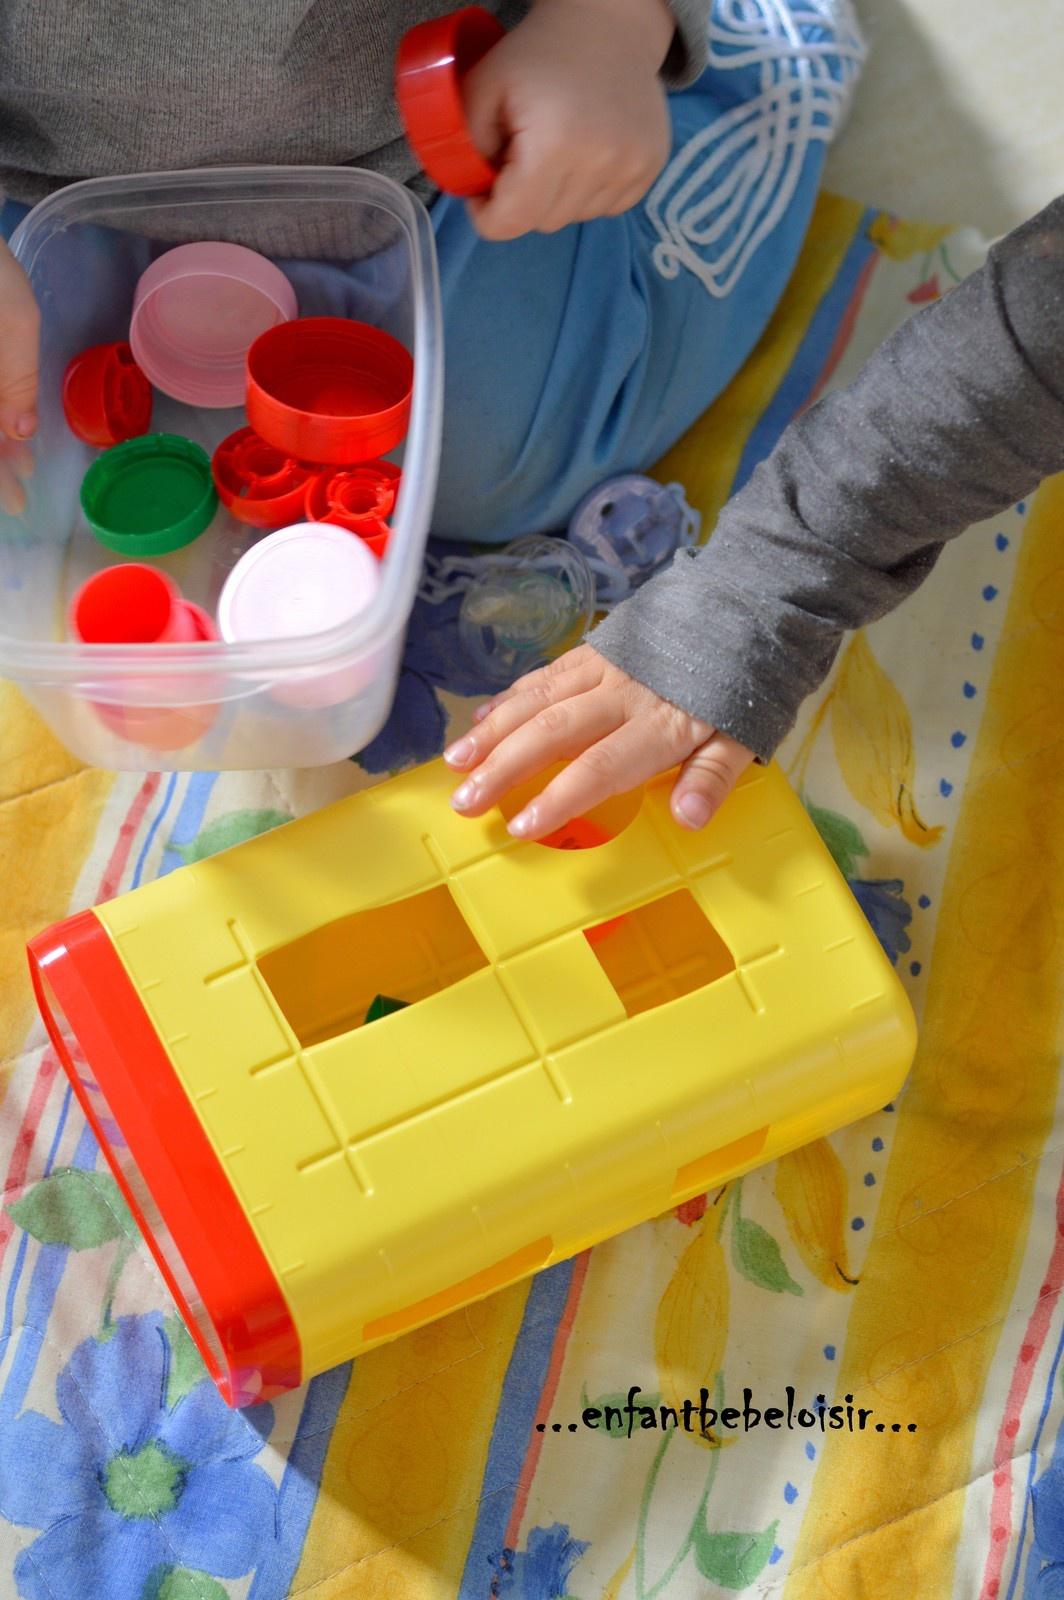 Fabriquer Un Jouet D'éveil Tout Simple - Enfant Bébé Loisir à Jeux D Eveil Bébé 2 Mois